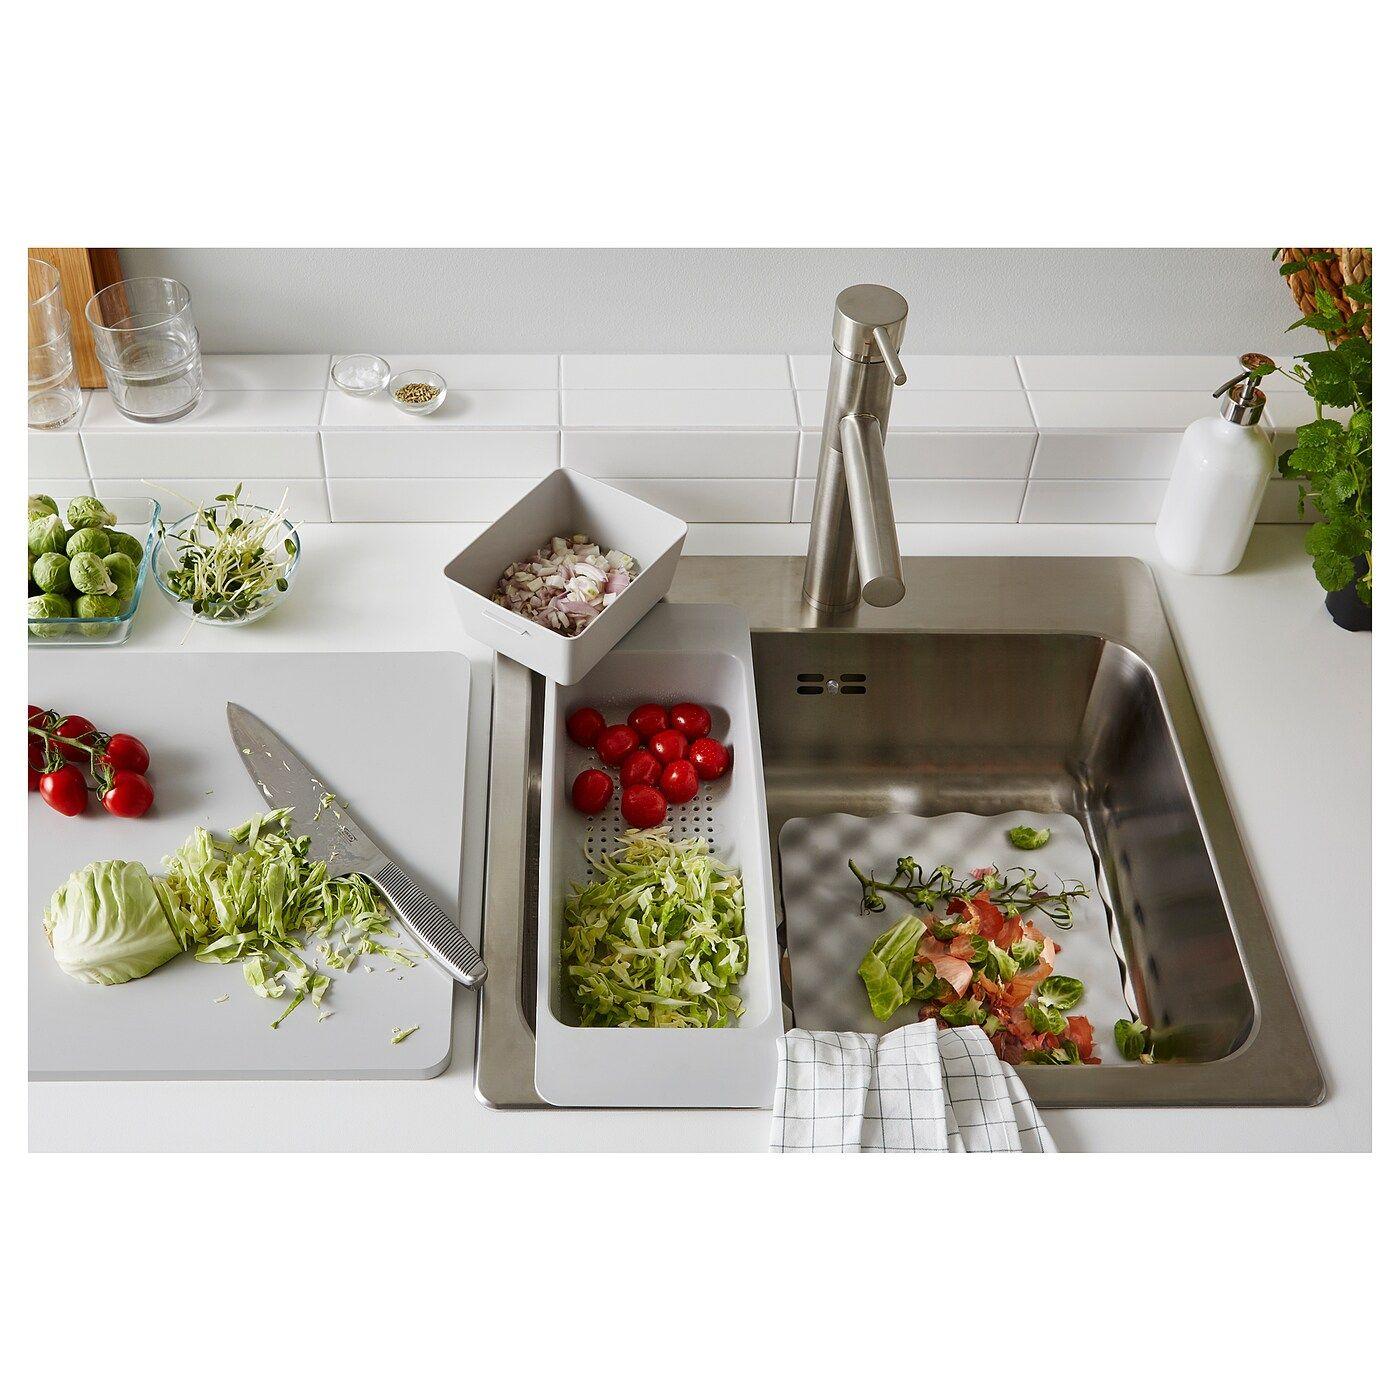 GRUNDVATTNET Durchschlag grau  Ikea, Box ikea und Reinigungsmittel